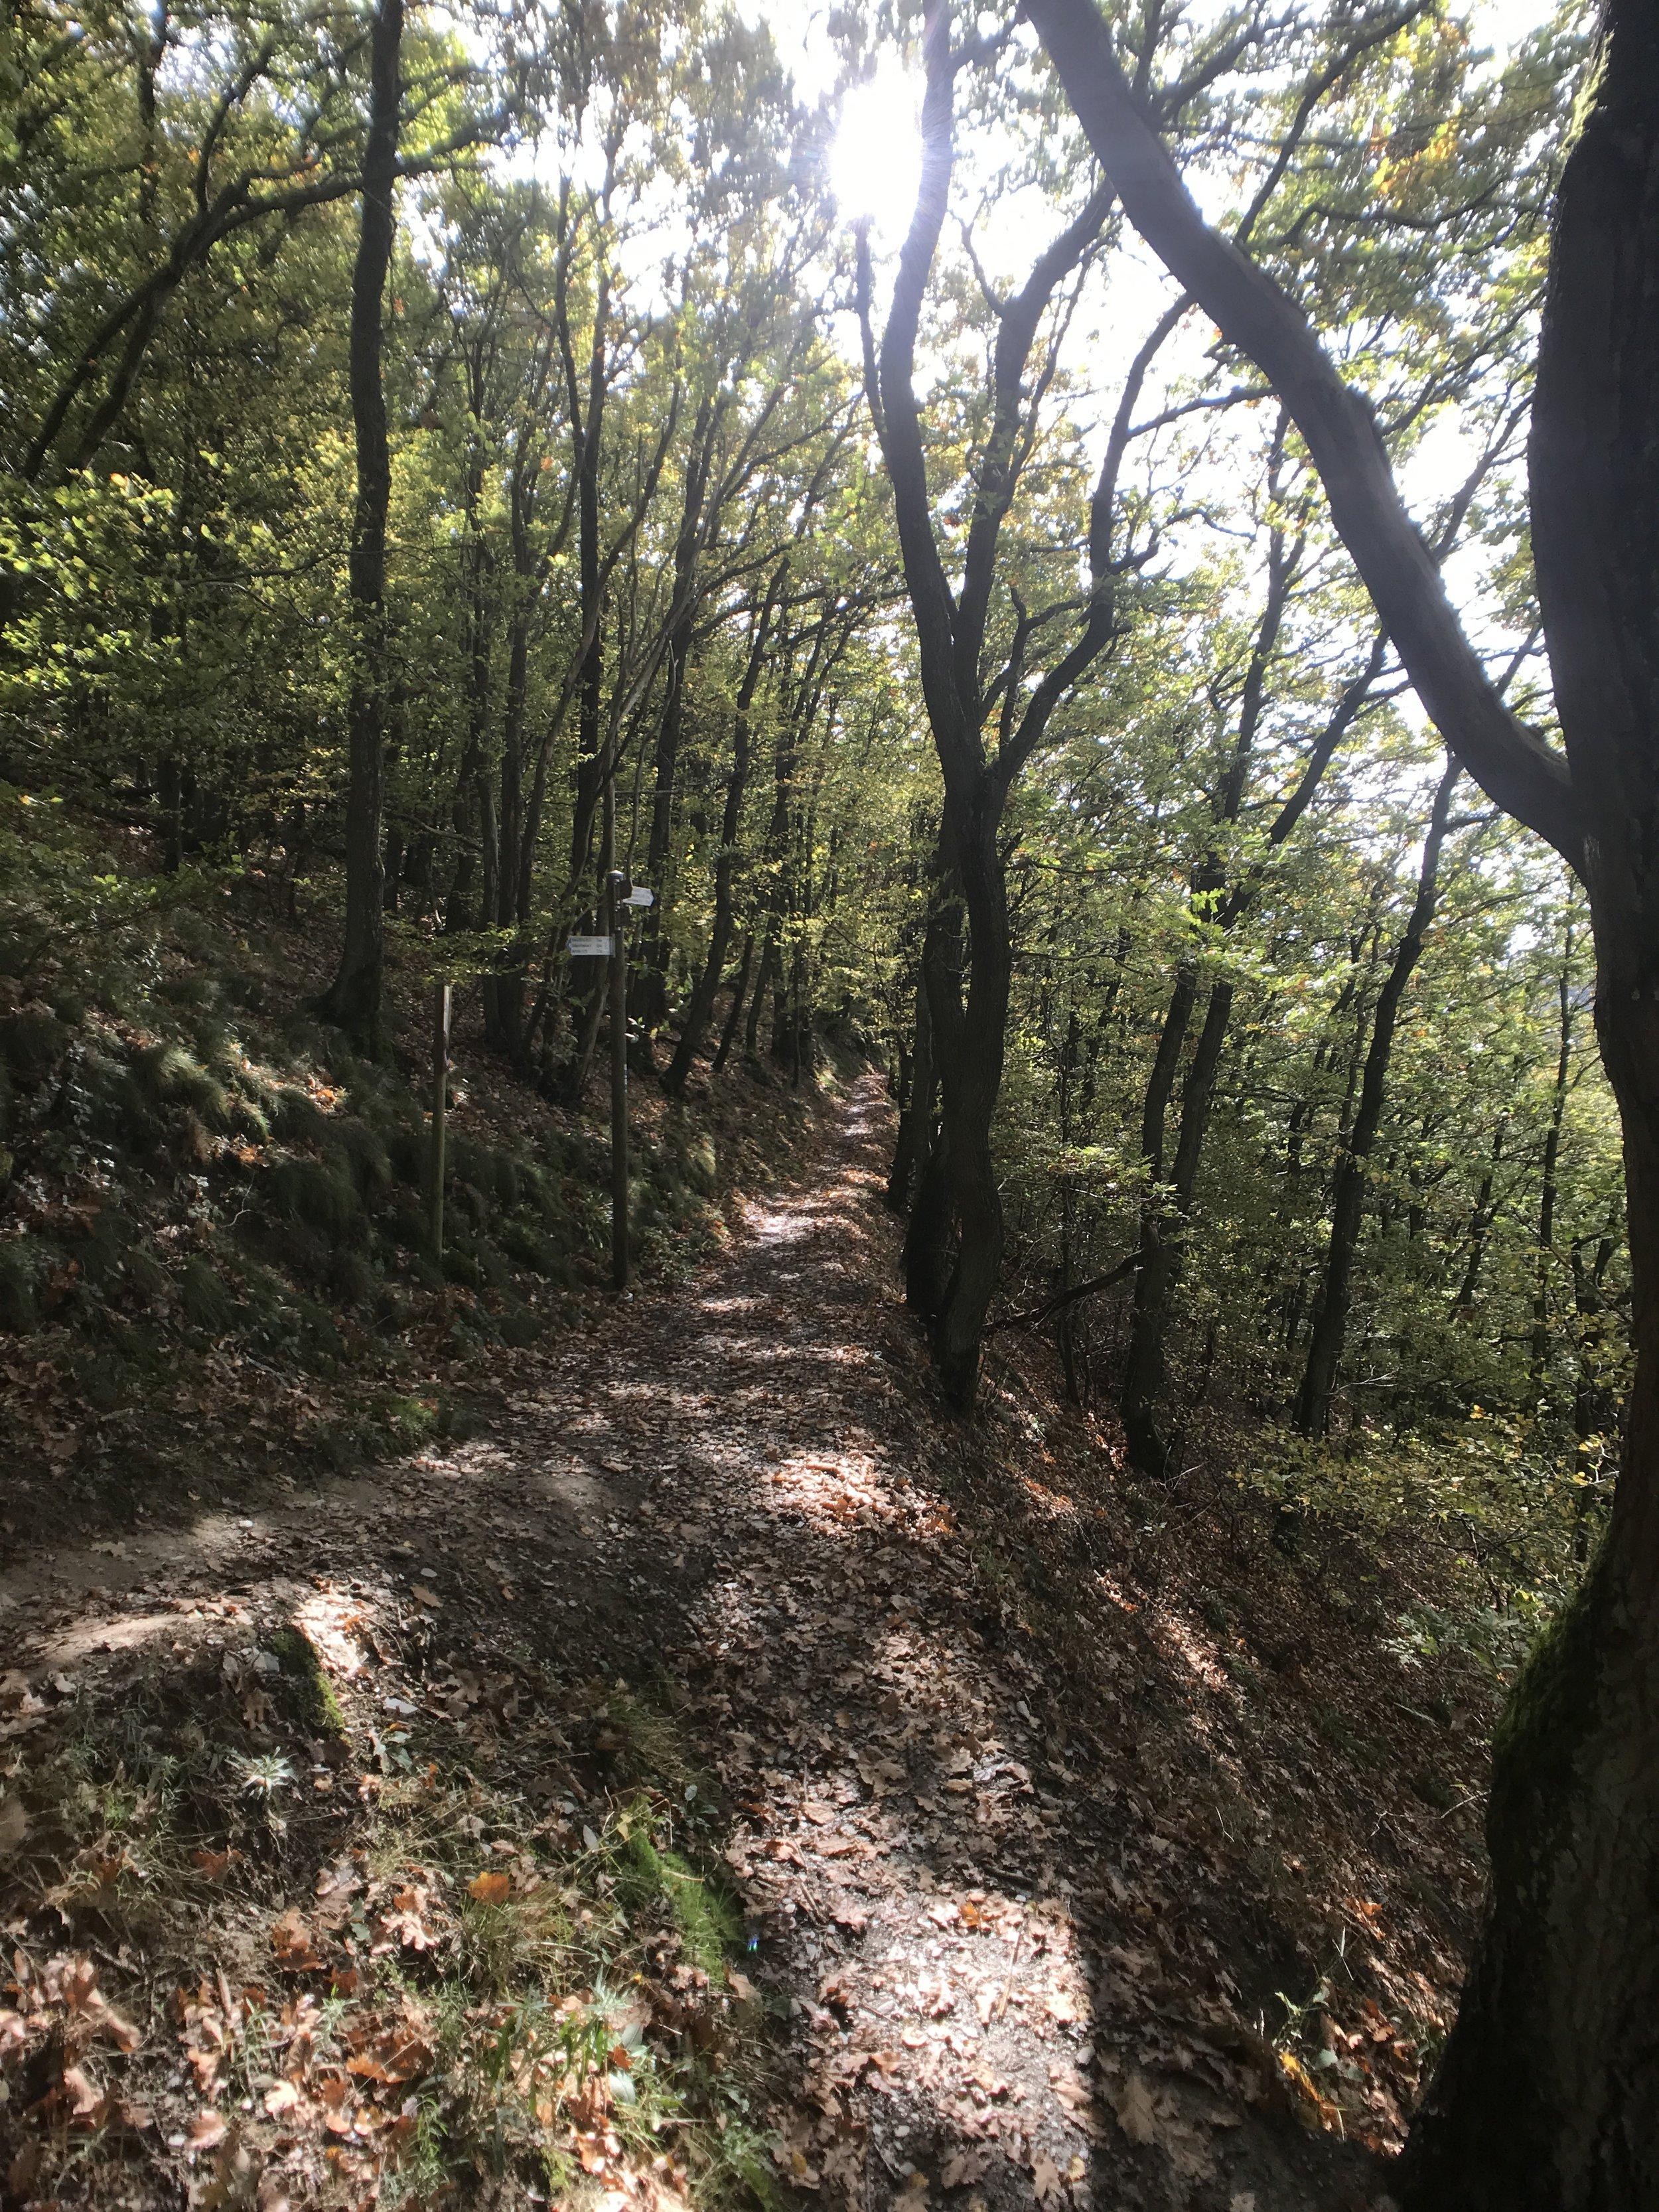 Zurück geht es durch den schmalen Pfad im Wald...